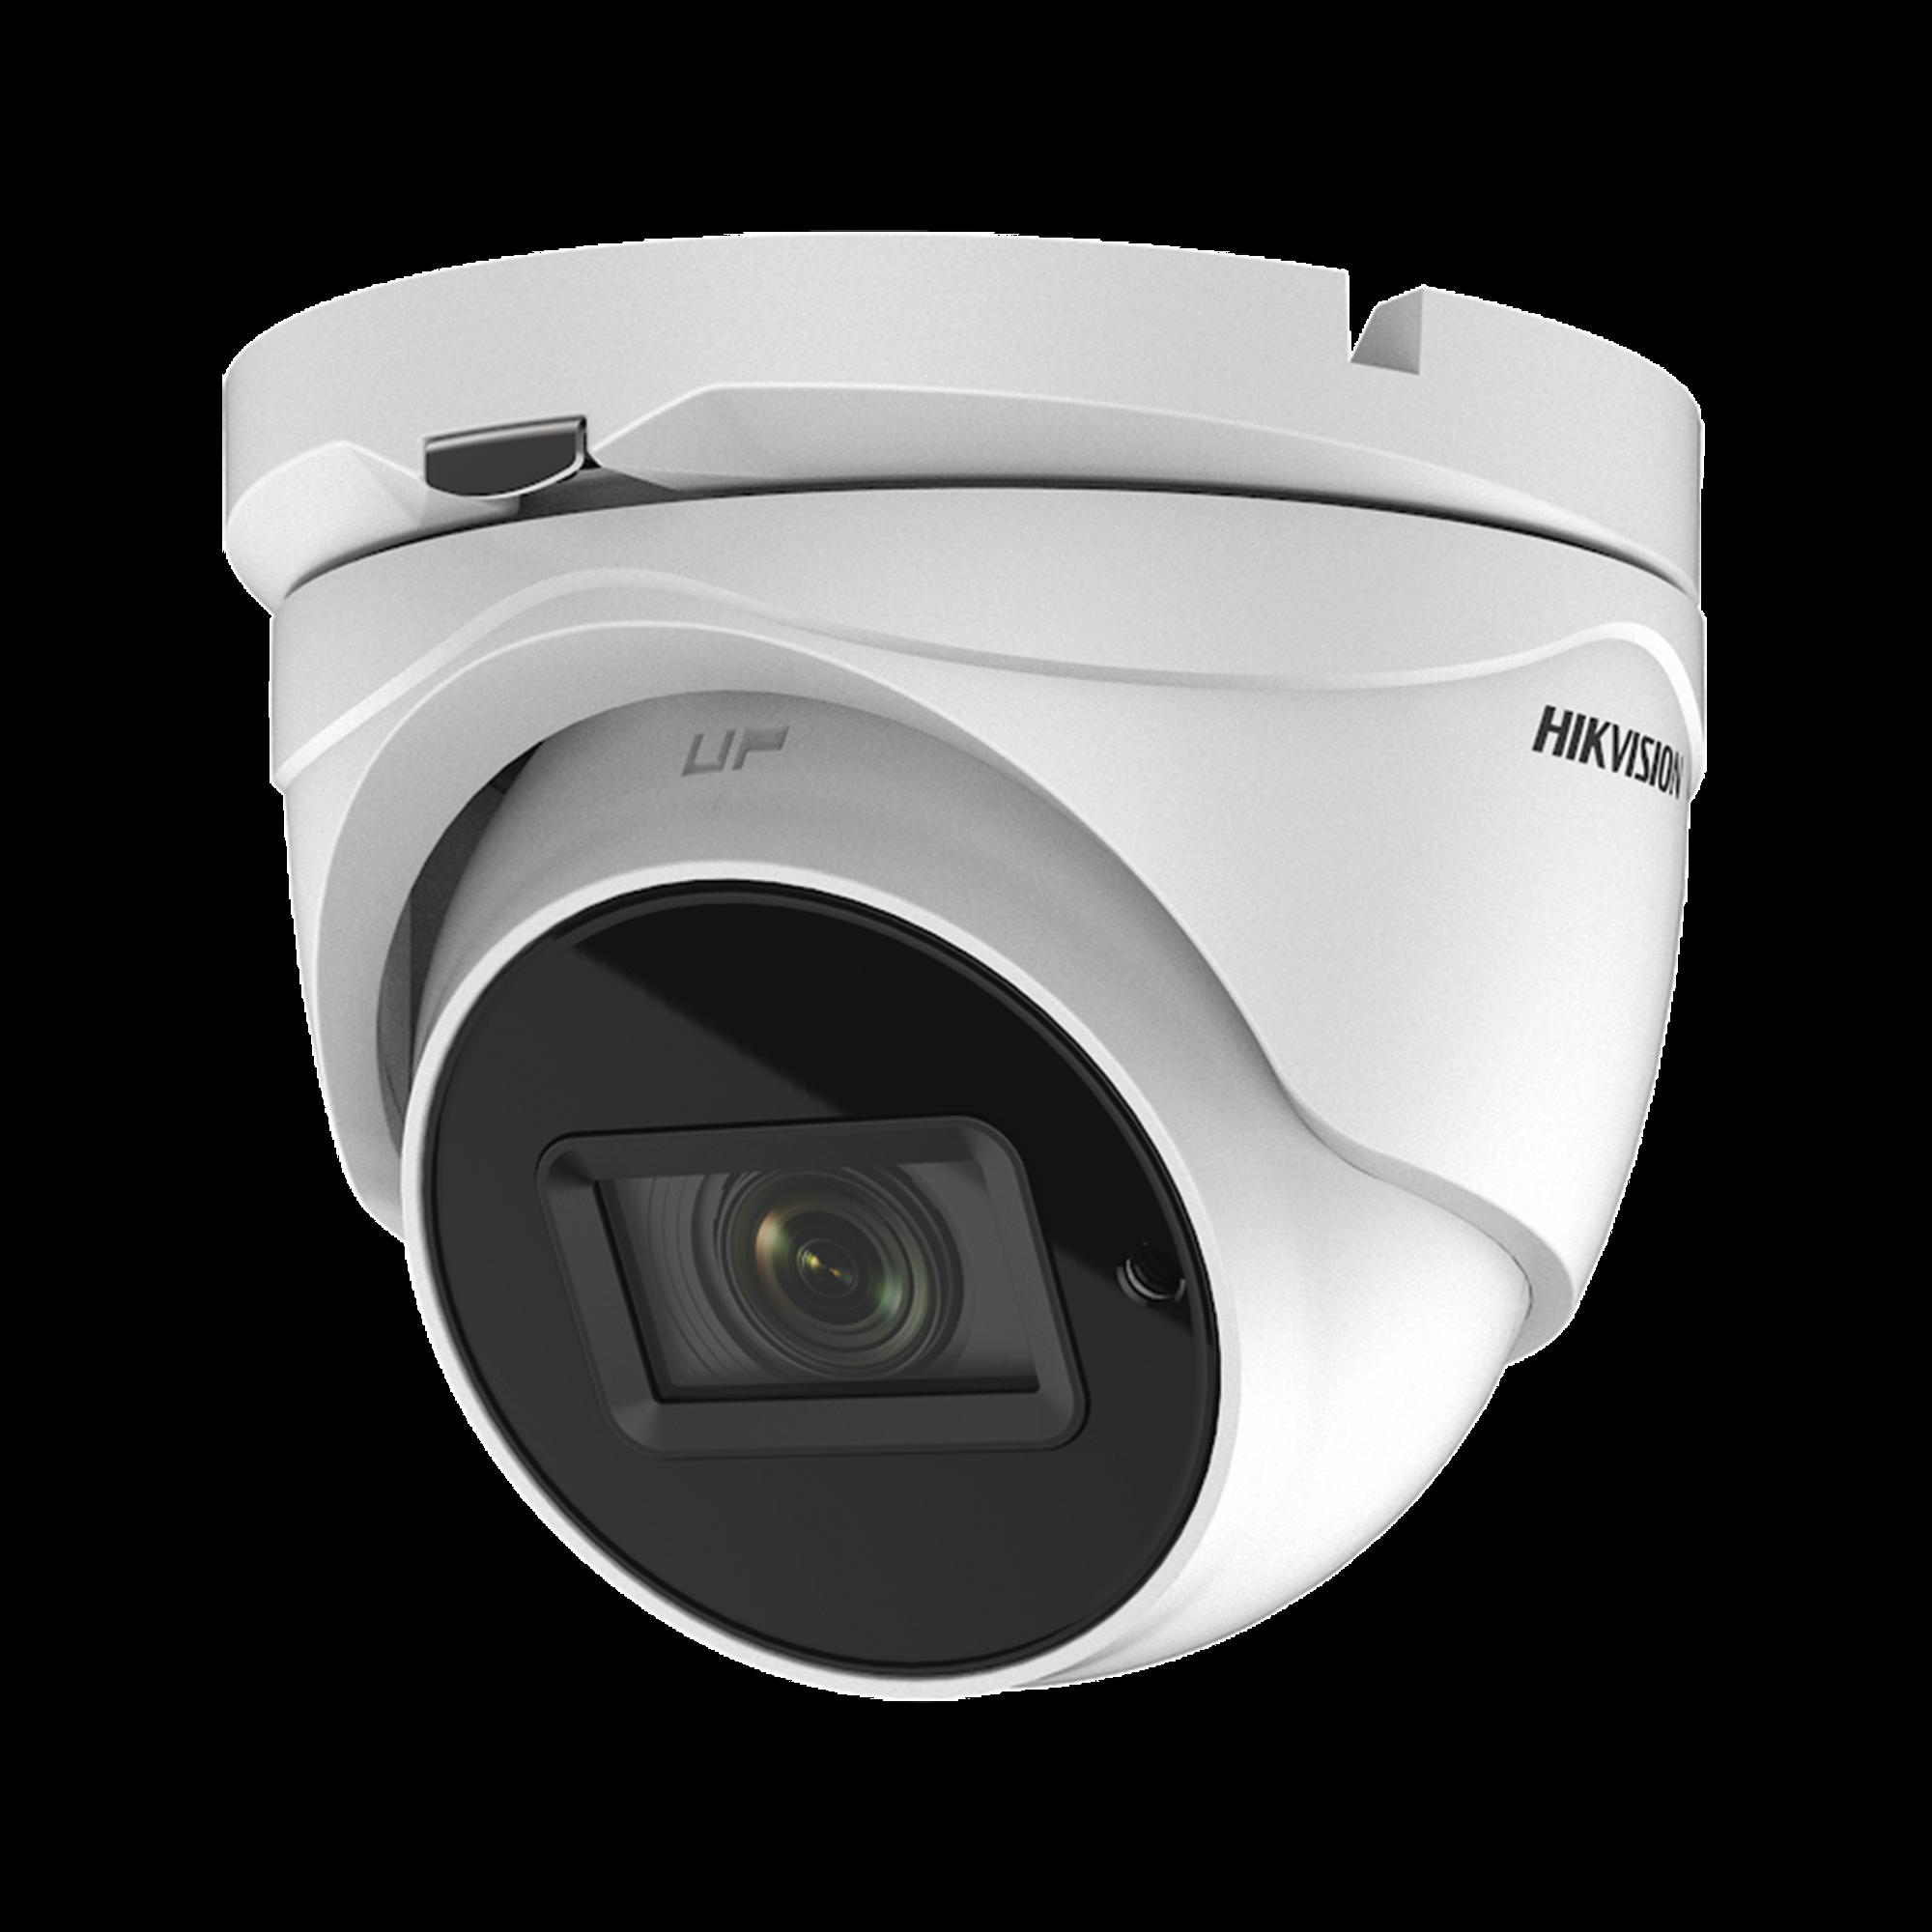 Eyeball TURBOHD 4K (8 Megapixel) / Lente Mot. 2.7 a 13.5 mm / IR EXIR 60 mts / Exterior IP67 / dWDR / TVI-AHD-CVI-CVBS / 9 a 15 VCD